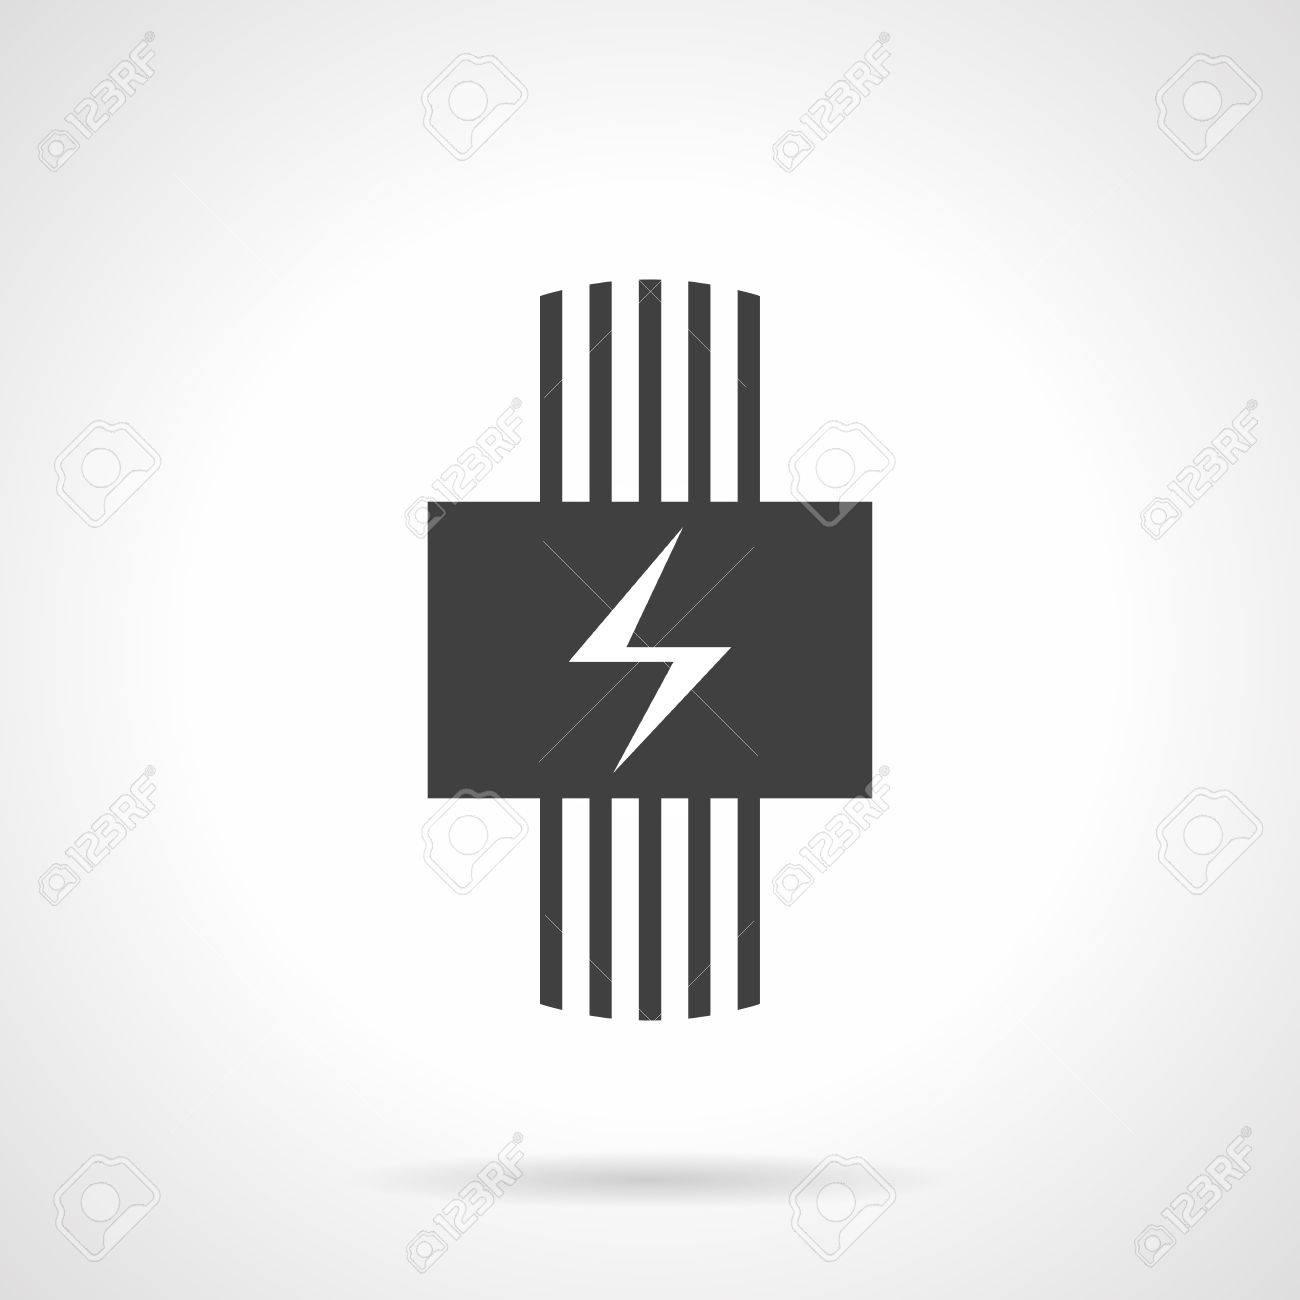 Elektro-Heizung Für Haus. Beheizte Bodenmodell. Elektrische Draht ...